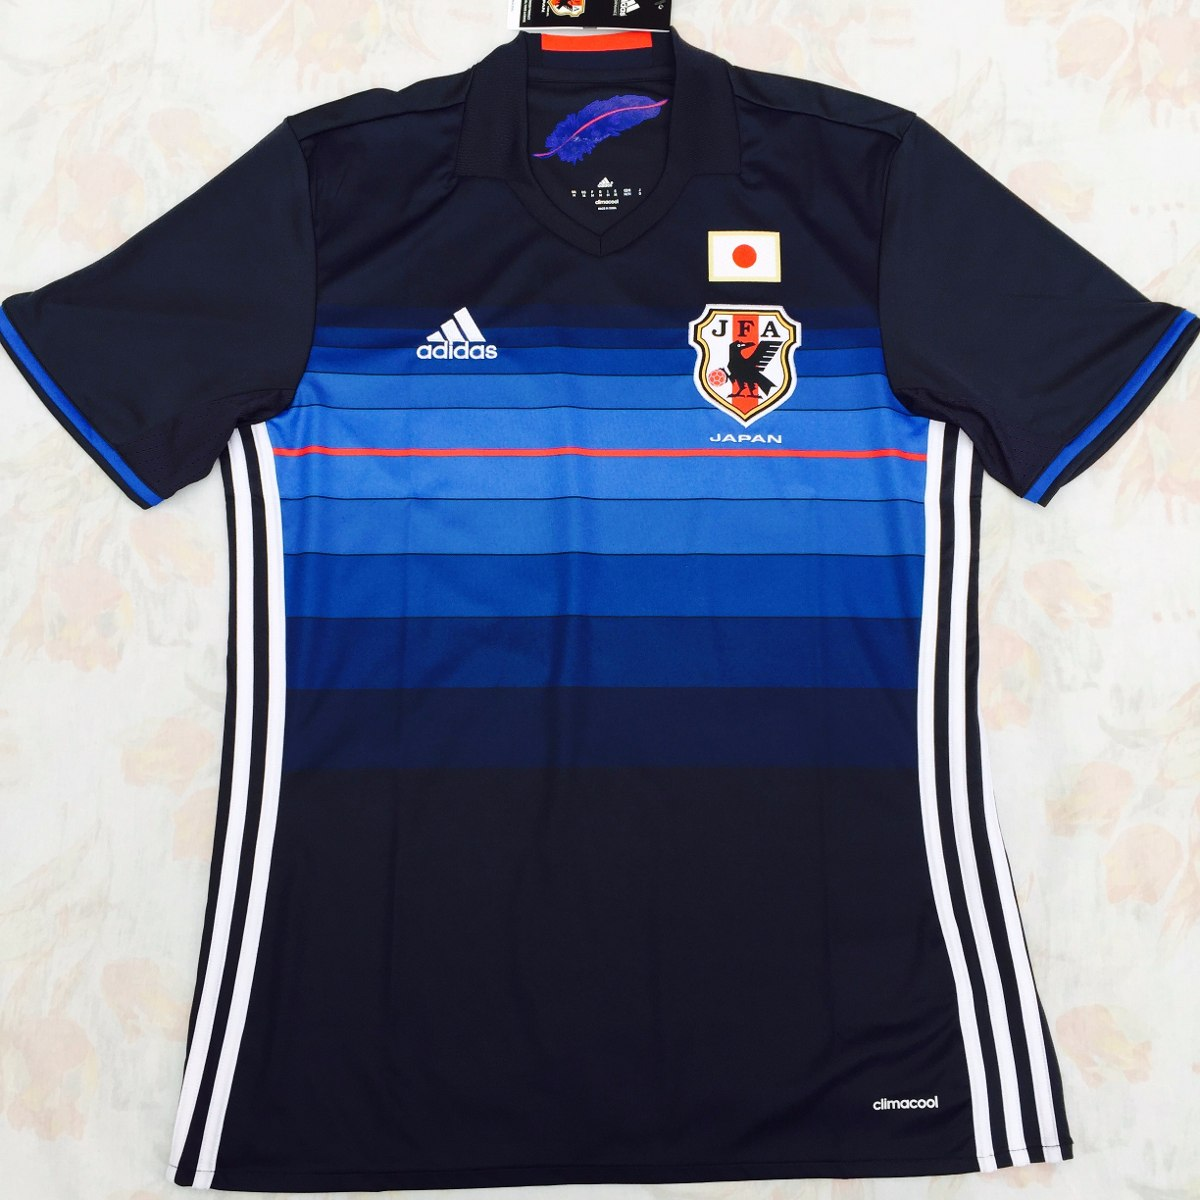 488e2f063a Camisa adidas Japão Home 2016 M Original Fn1608 - R$ 999,90 em ...